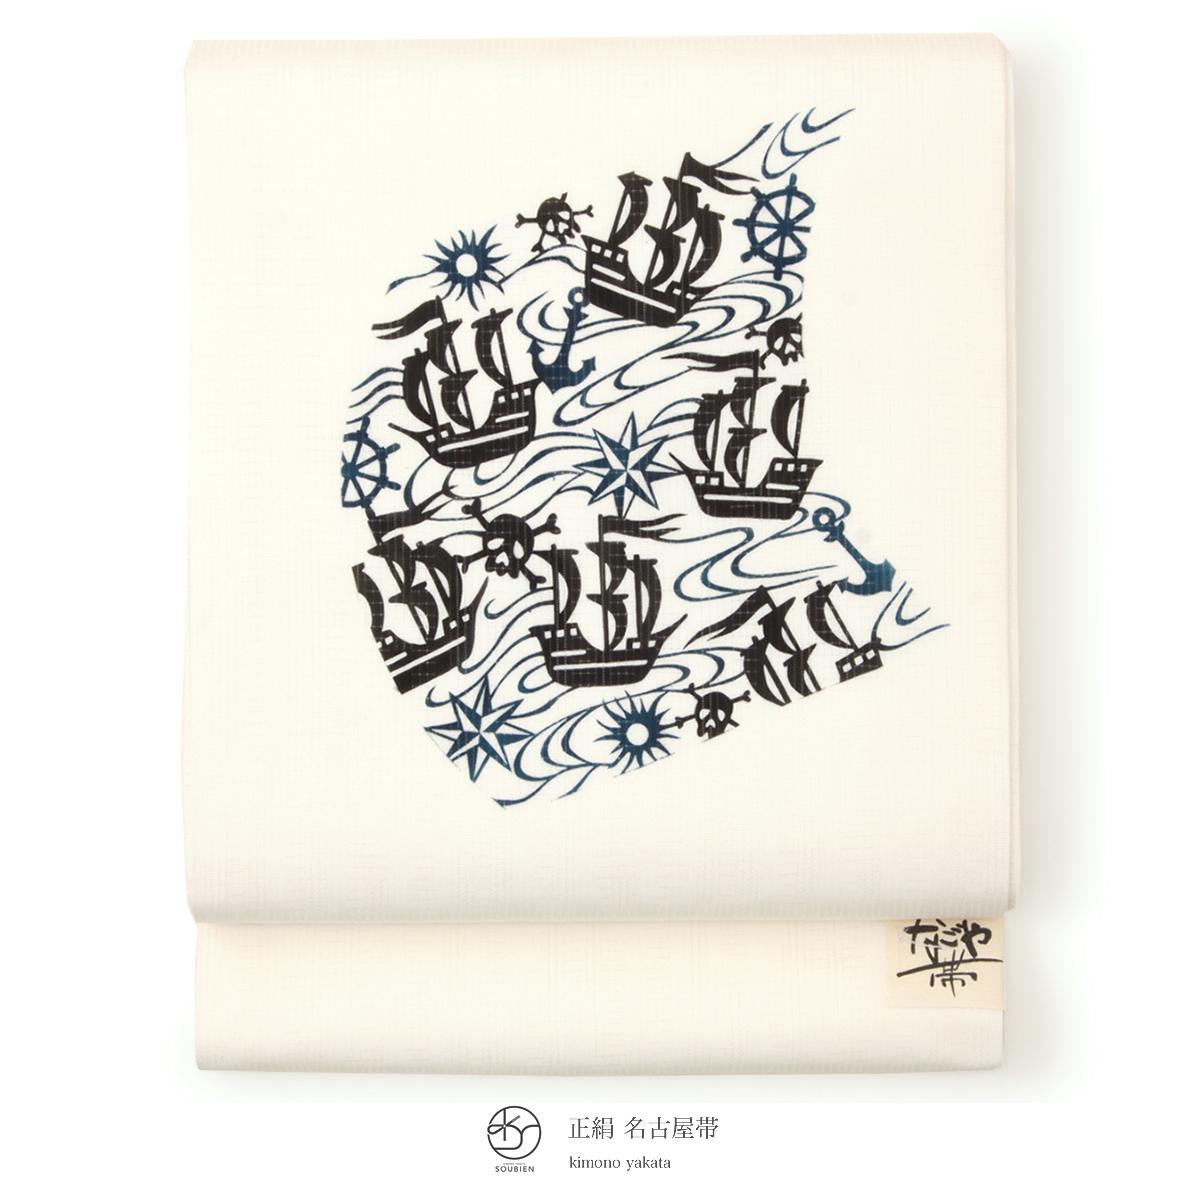 名古屋帯 九寸名古屋帯 白 ホワイト 海賊船 碇 ドクロ 伊勢型染 絣絽 変絽 お太鼓柄 正絹 夏向け 名古屋仕立て おび工房 カジュアル なごや帯 仕立て上がり 【送料無料】【あす楽対応】